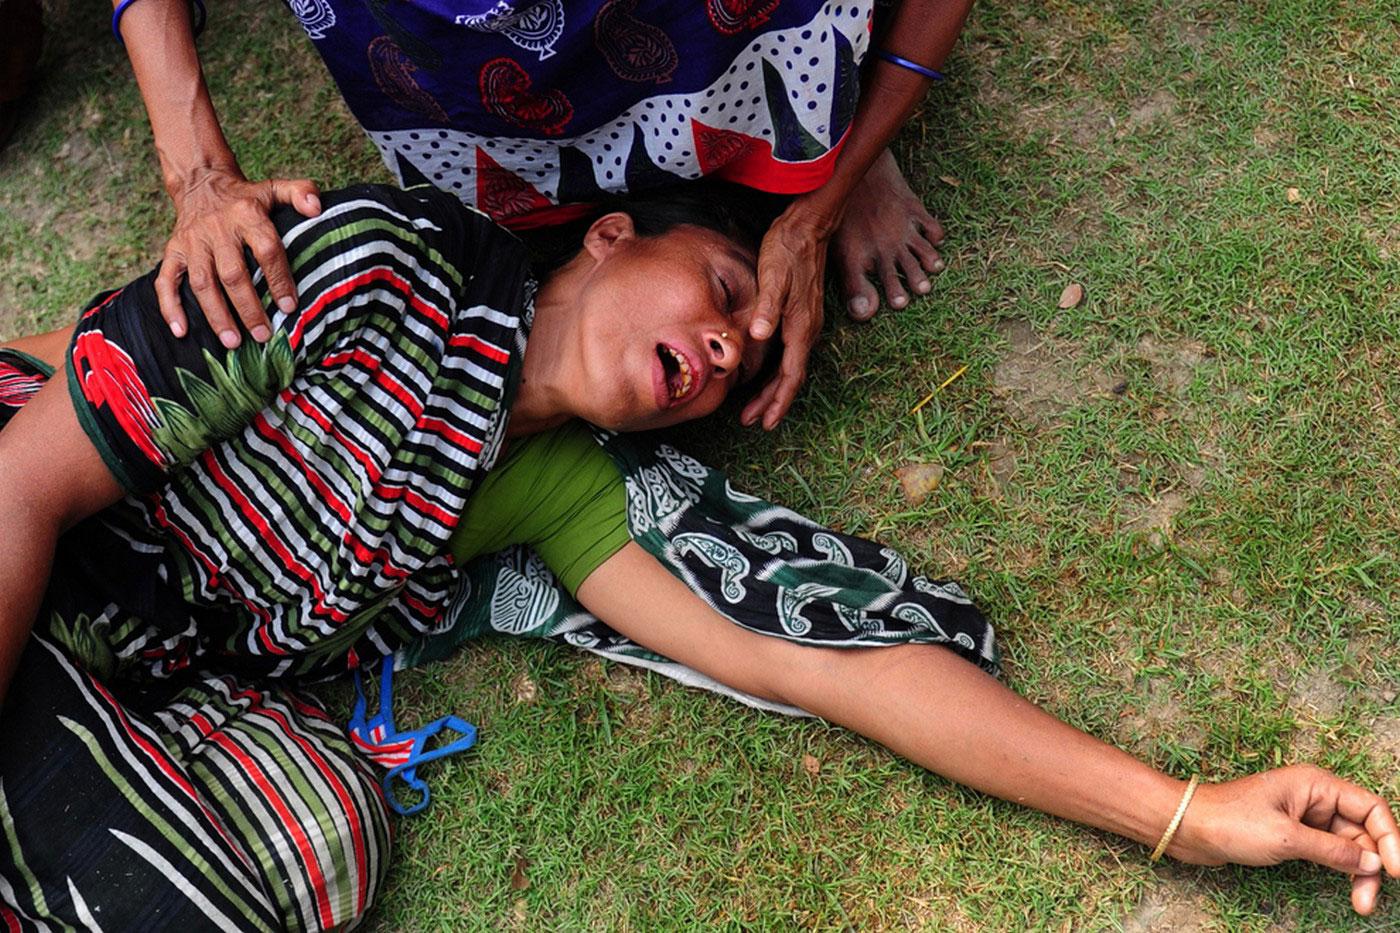 женщина без сознания на траве